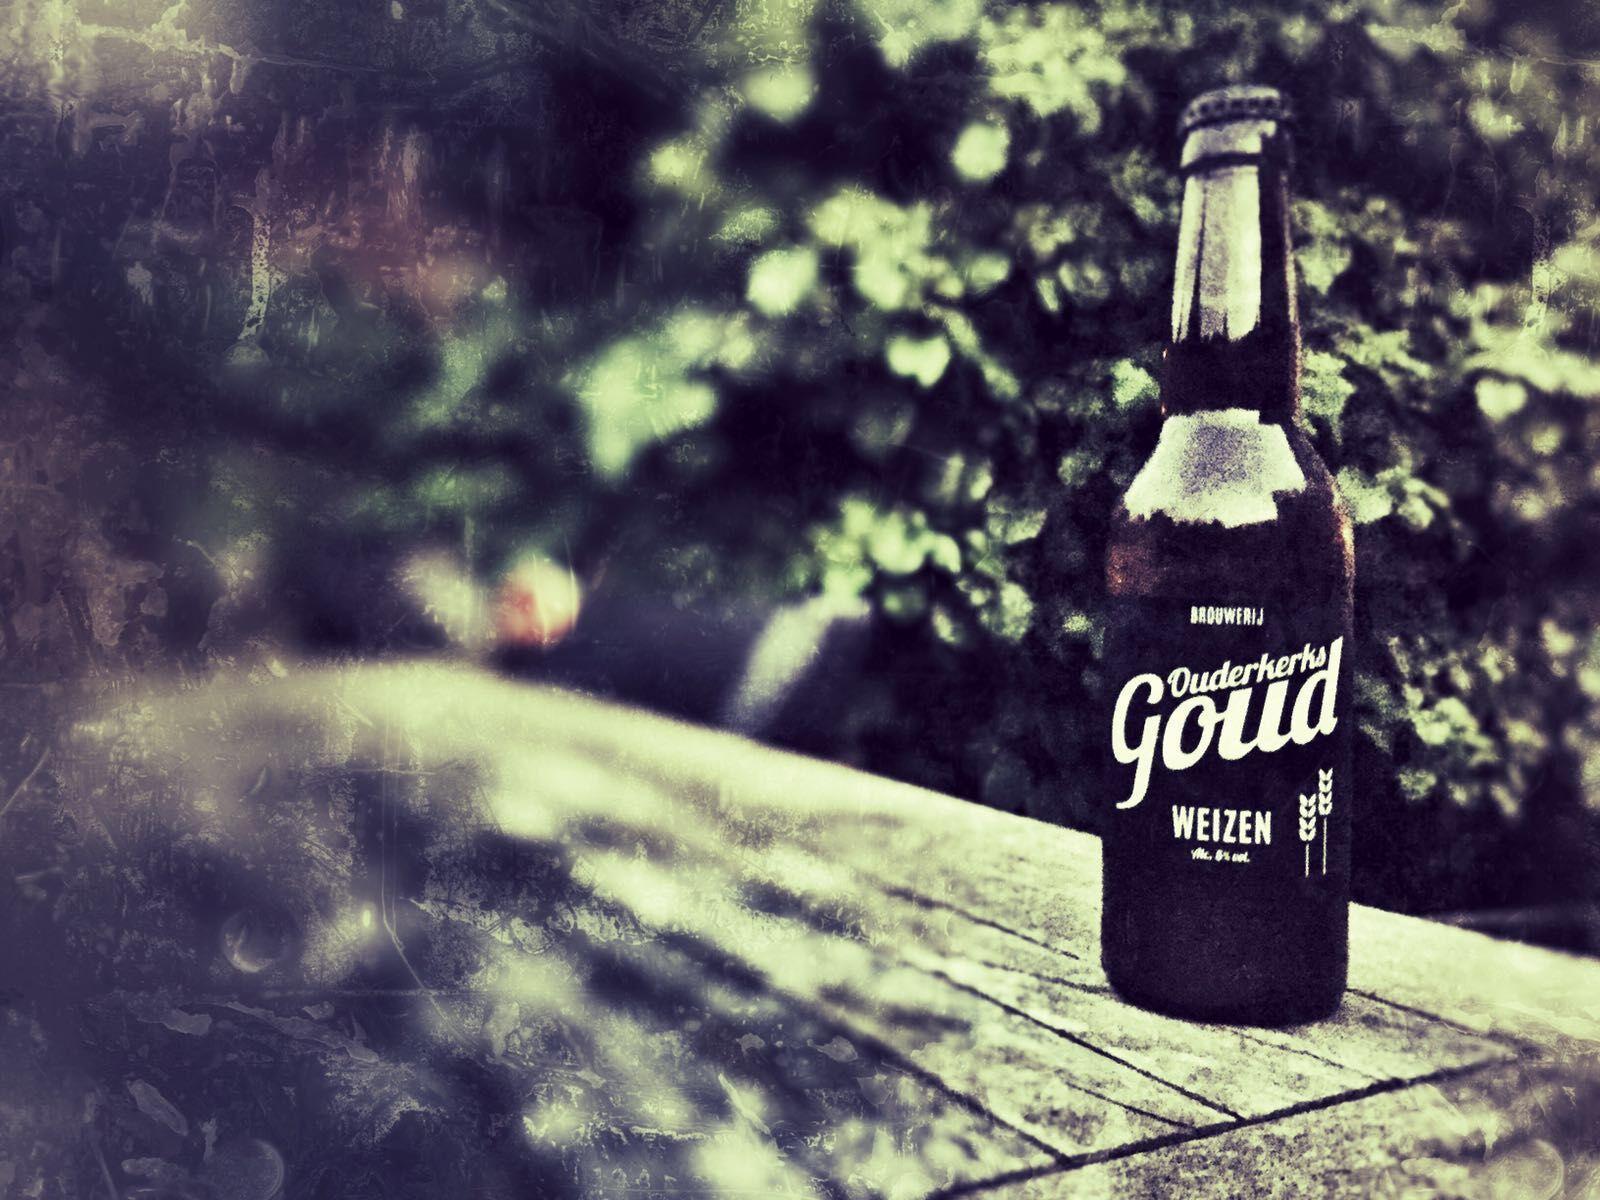 Goud Weizen van Brouwerij Ouderkerk